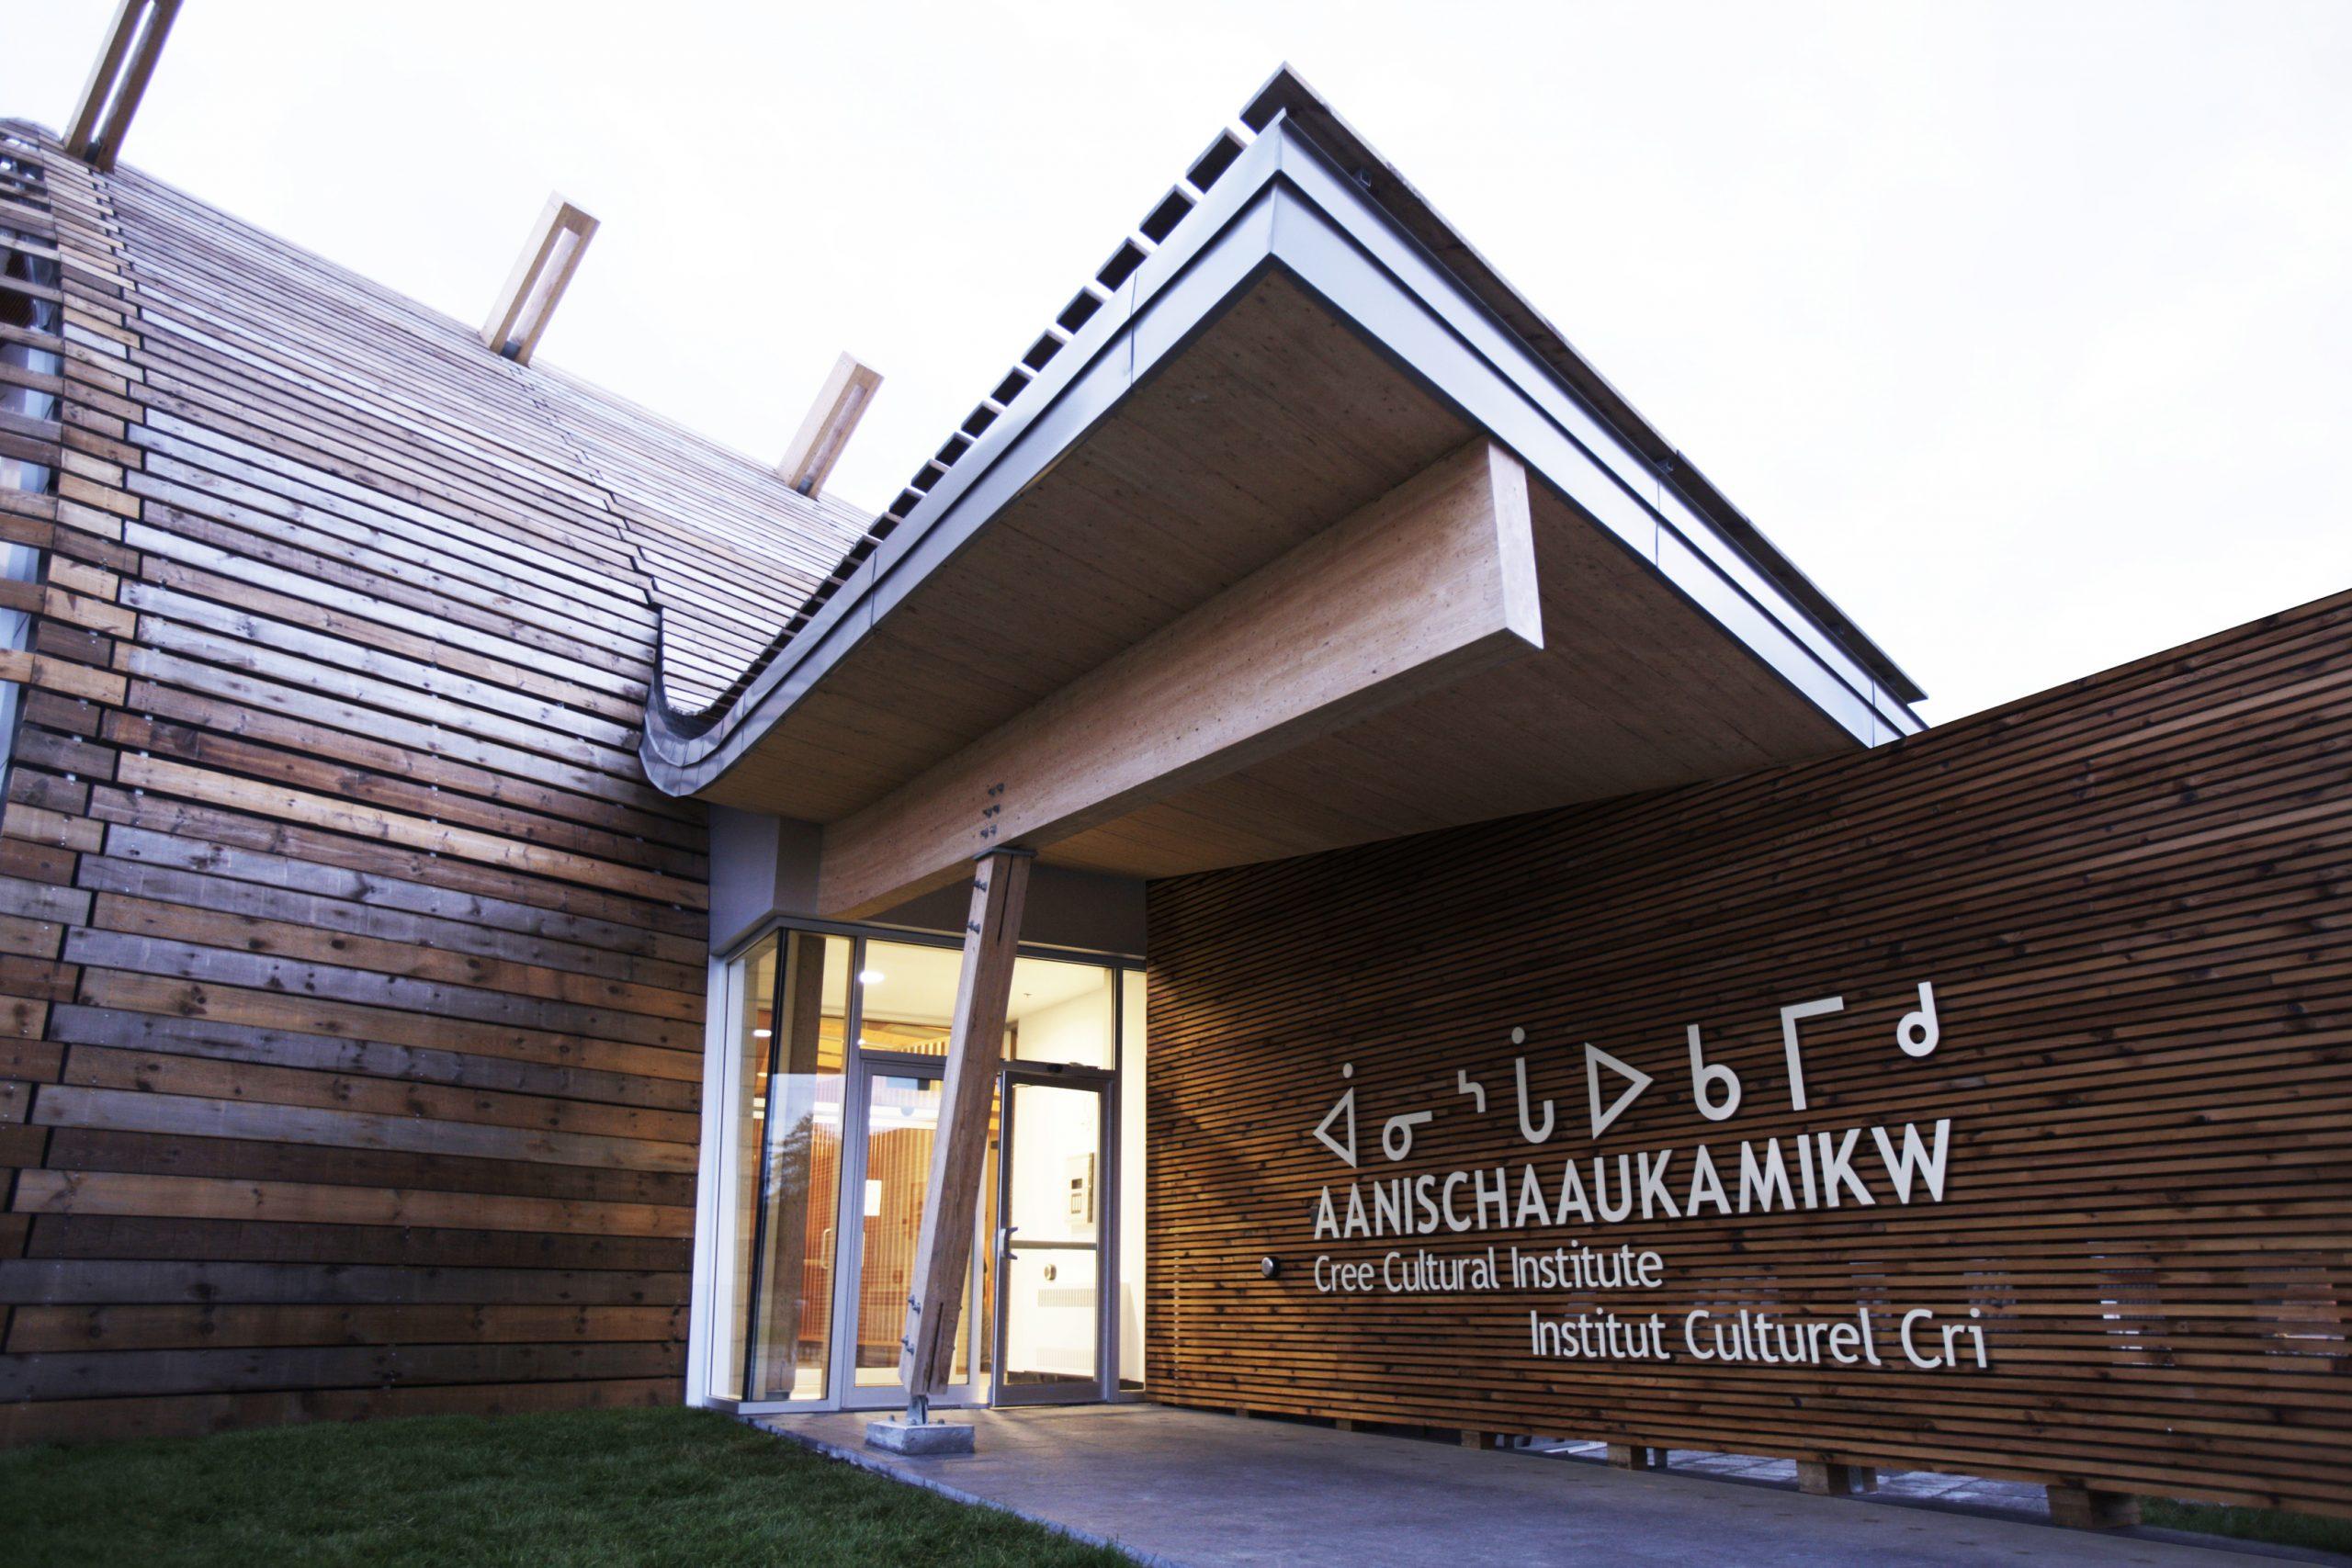 Institut culturel cri Aanischaaukamikw Cecobois 6